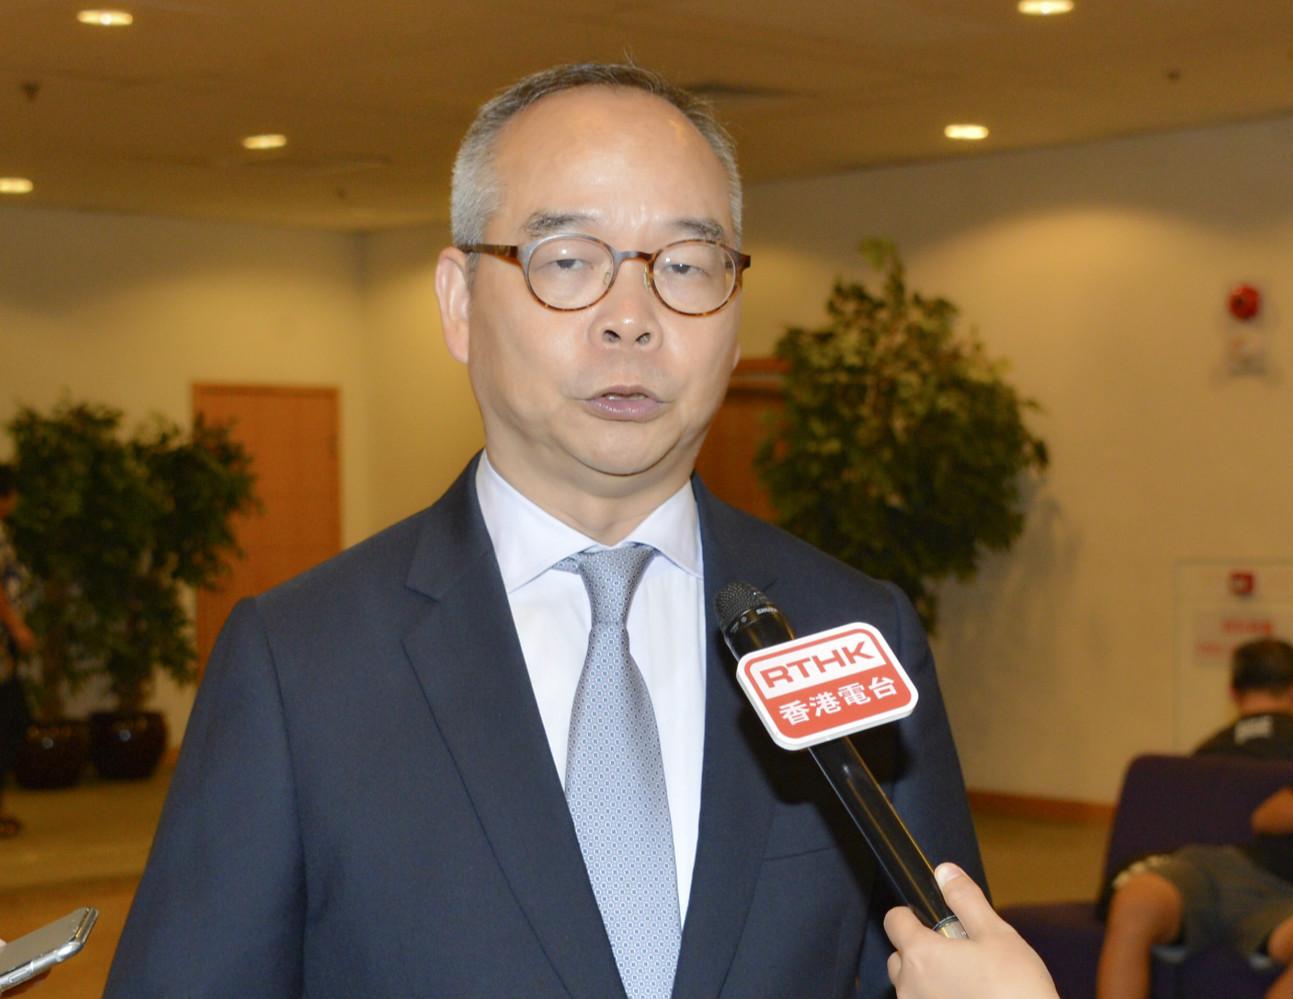 劉江華將與兩國負責文化及體育政策的官員會面。資料圖片